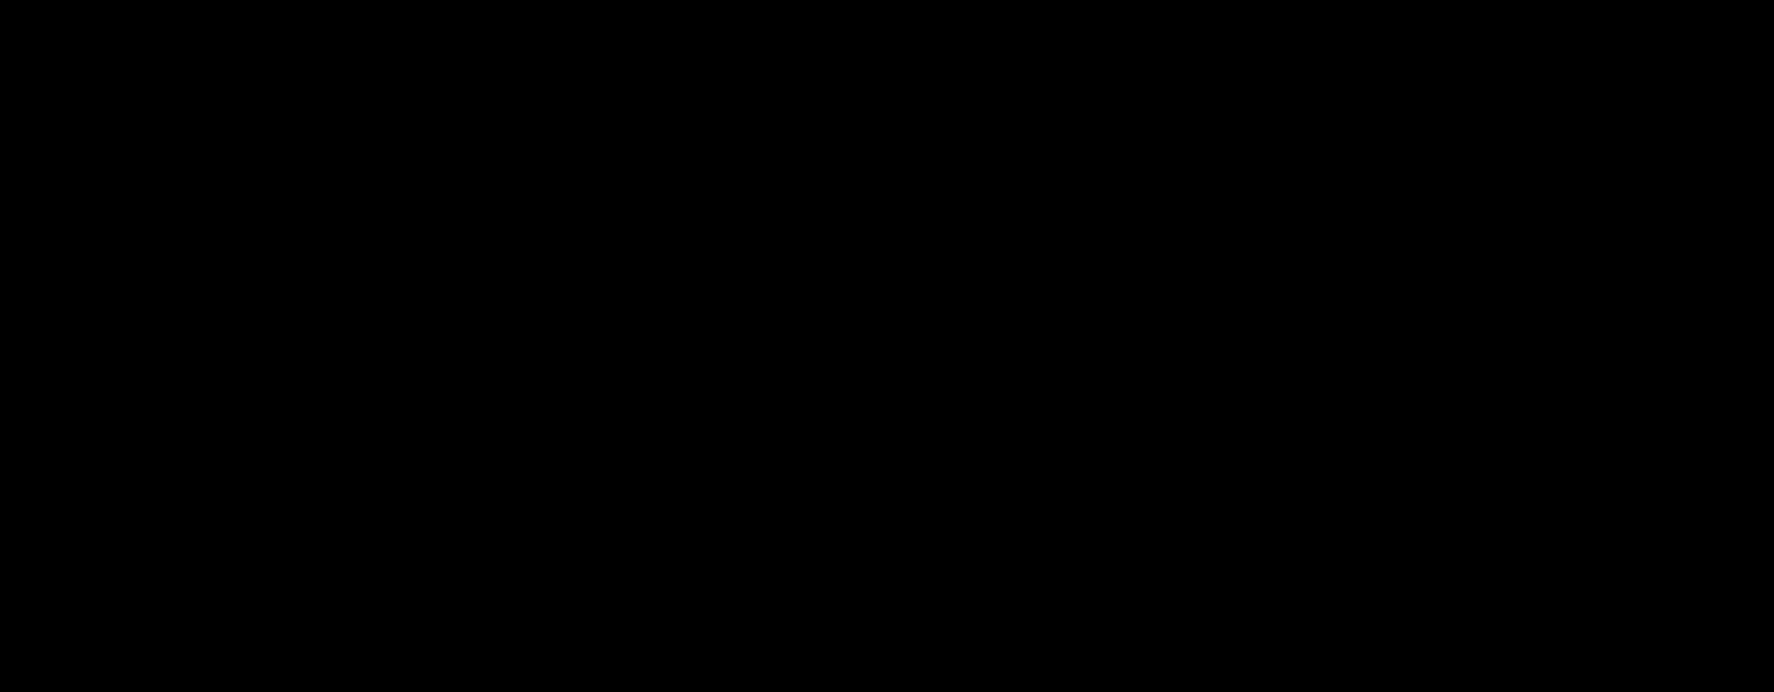 4-β-D-Glucopyranosyl ferulic acid-d<sub>3</sub>